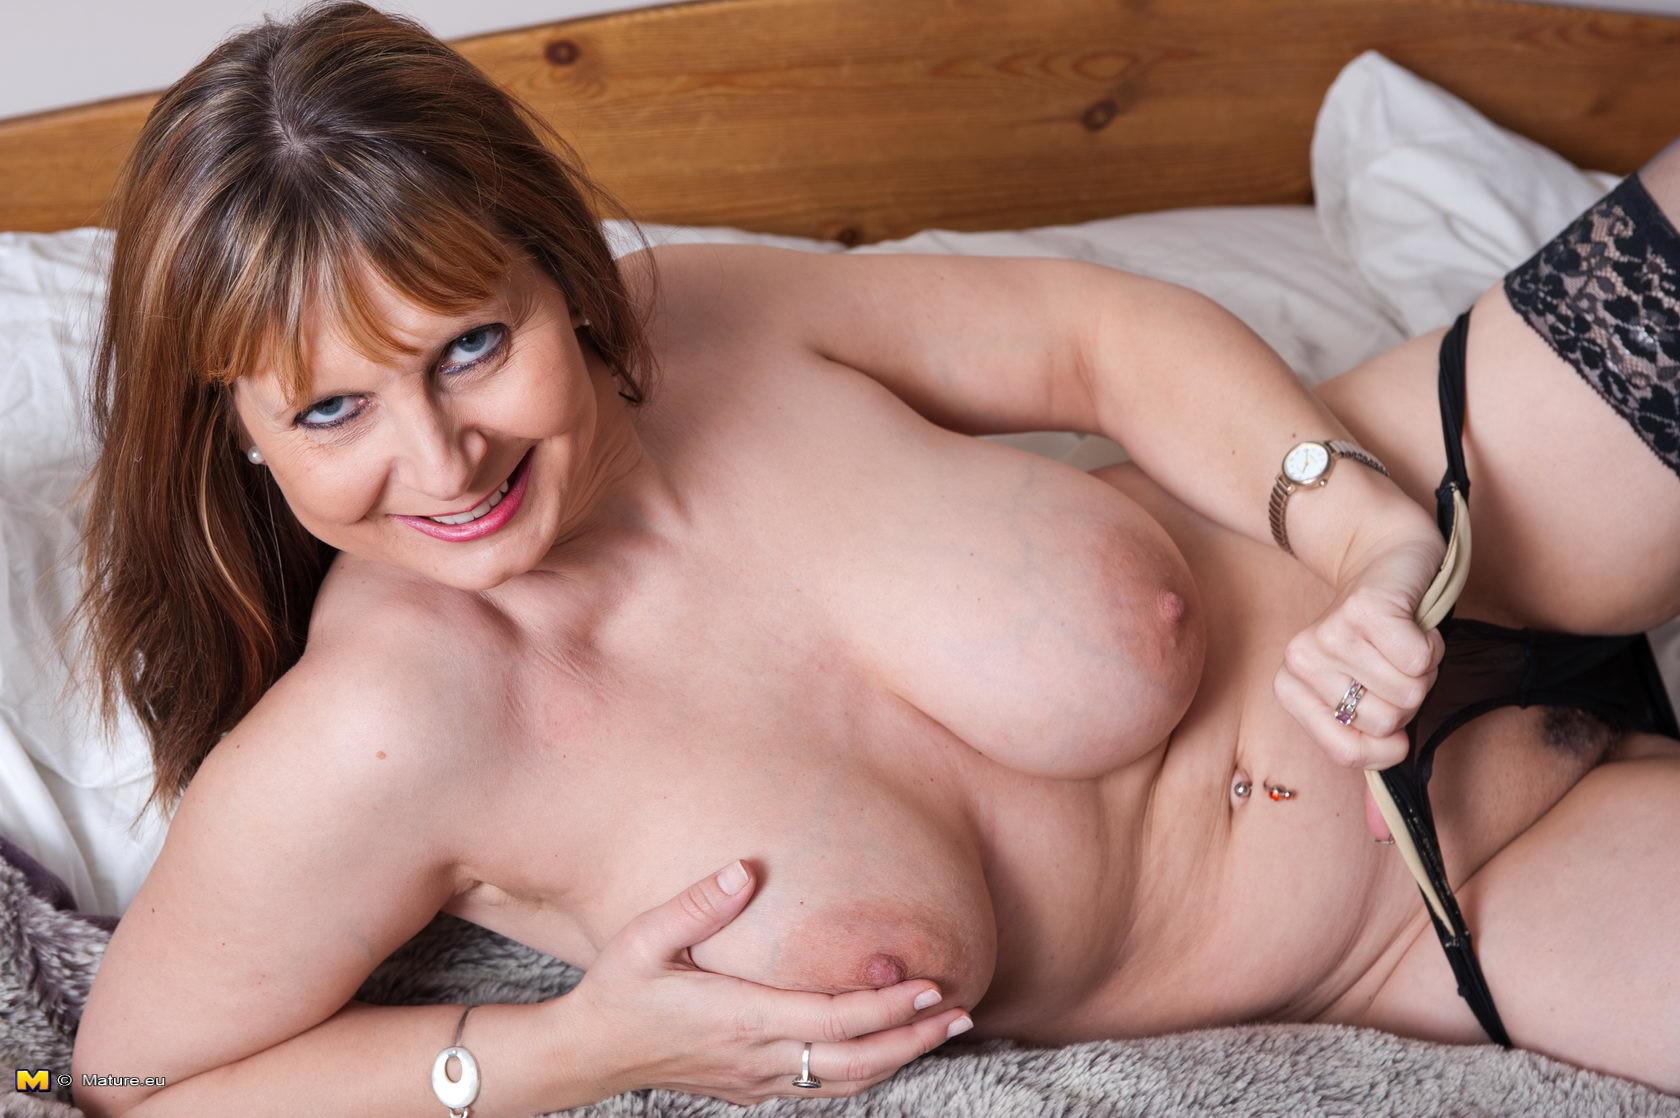 Секс с зрелие женшини, Порно видео зрелые, секс со зрелыми бабами, порно 11 фотография